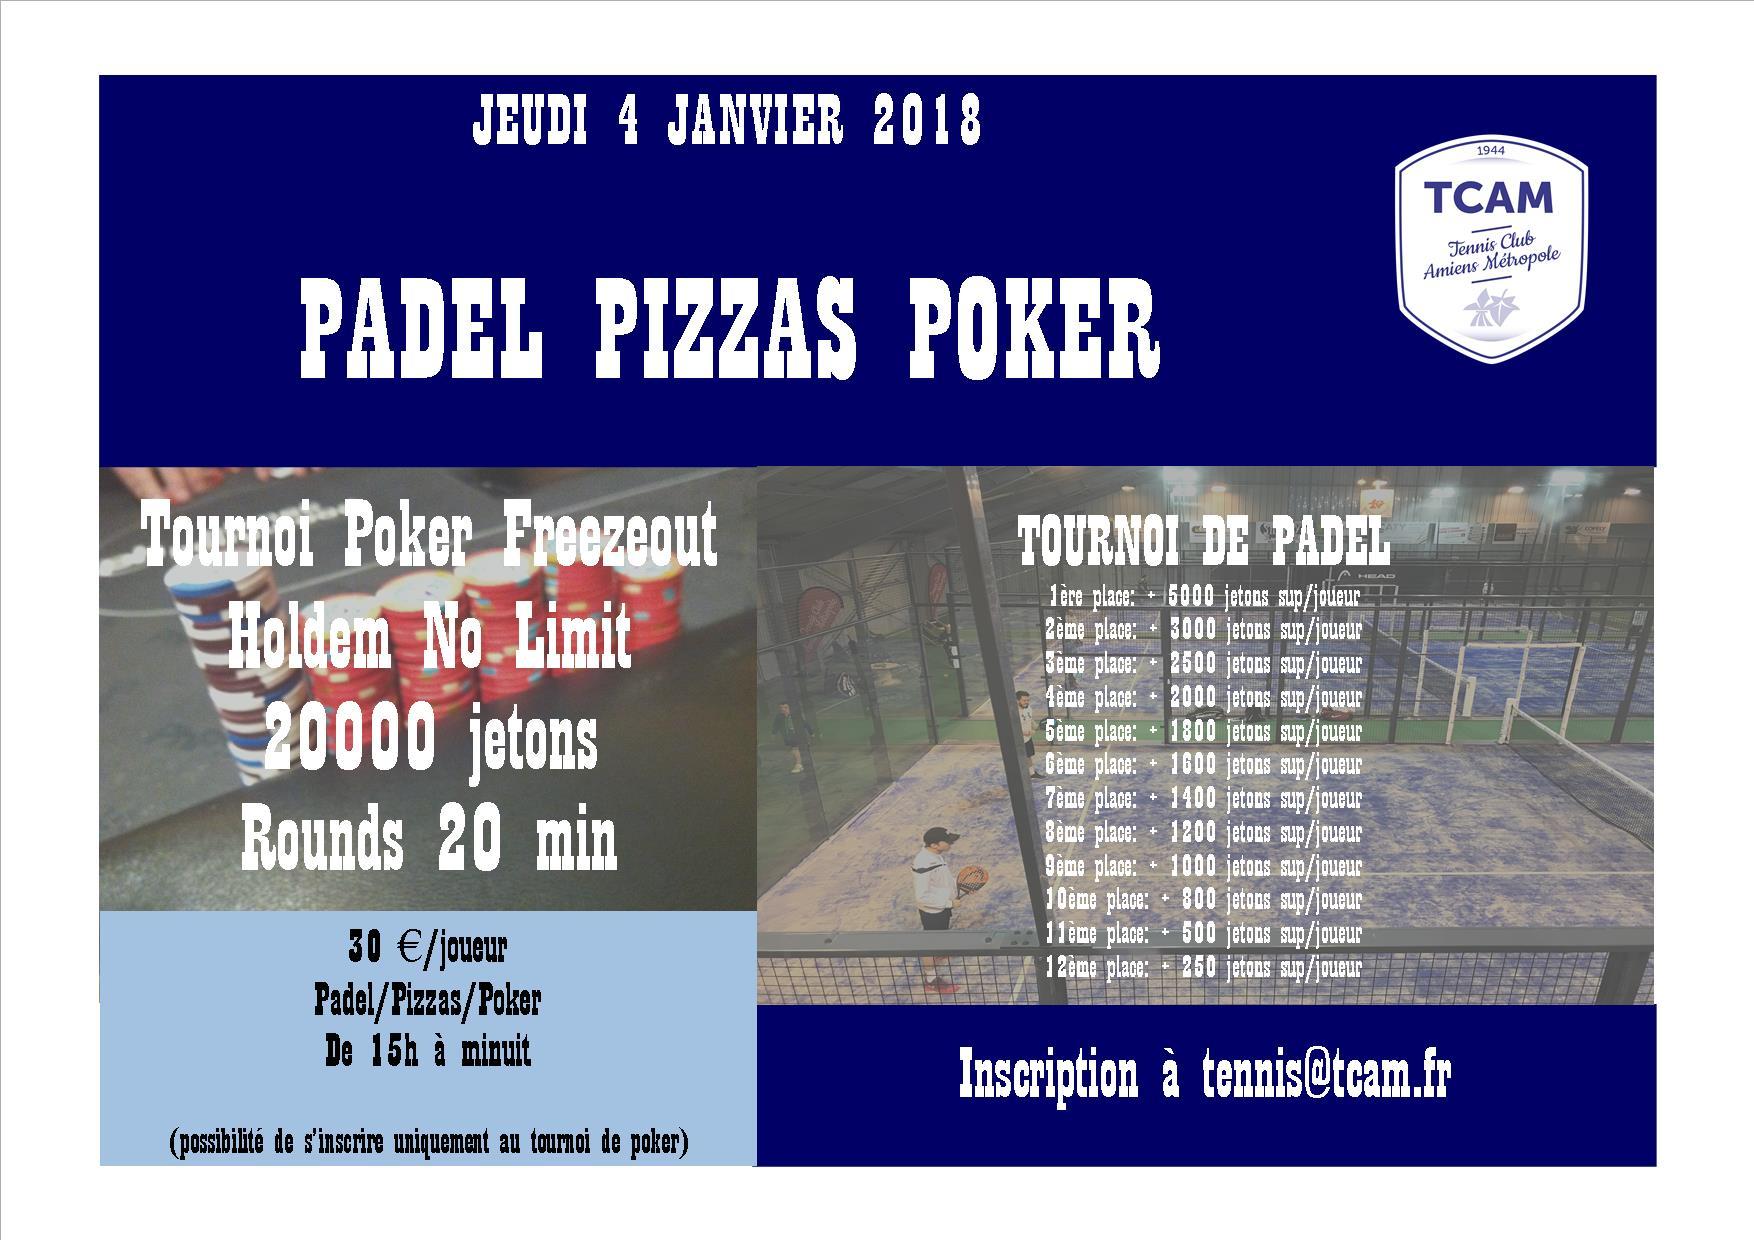 Padel Pizzas Poker